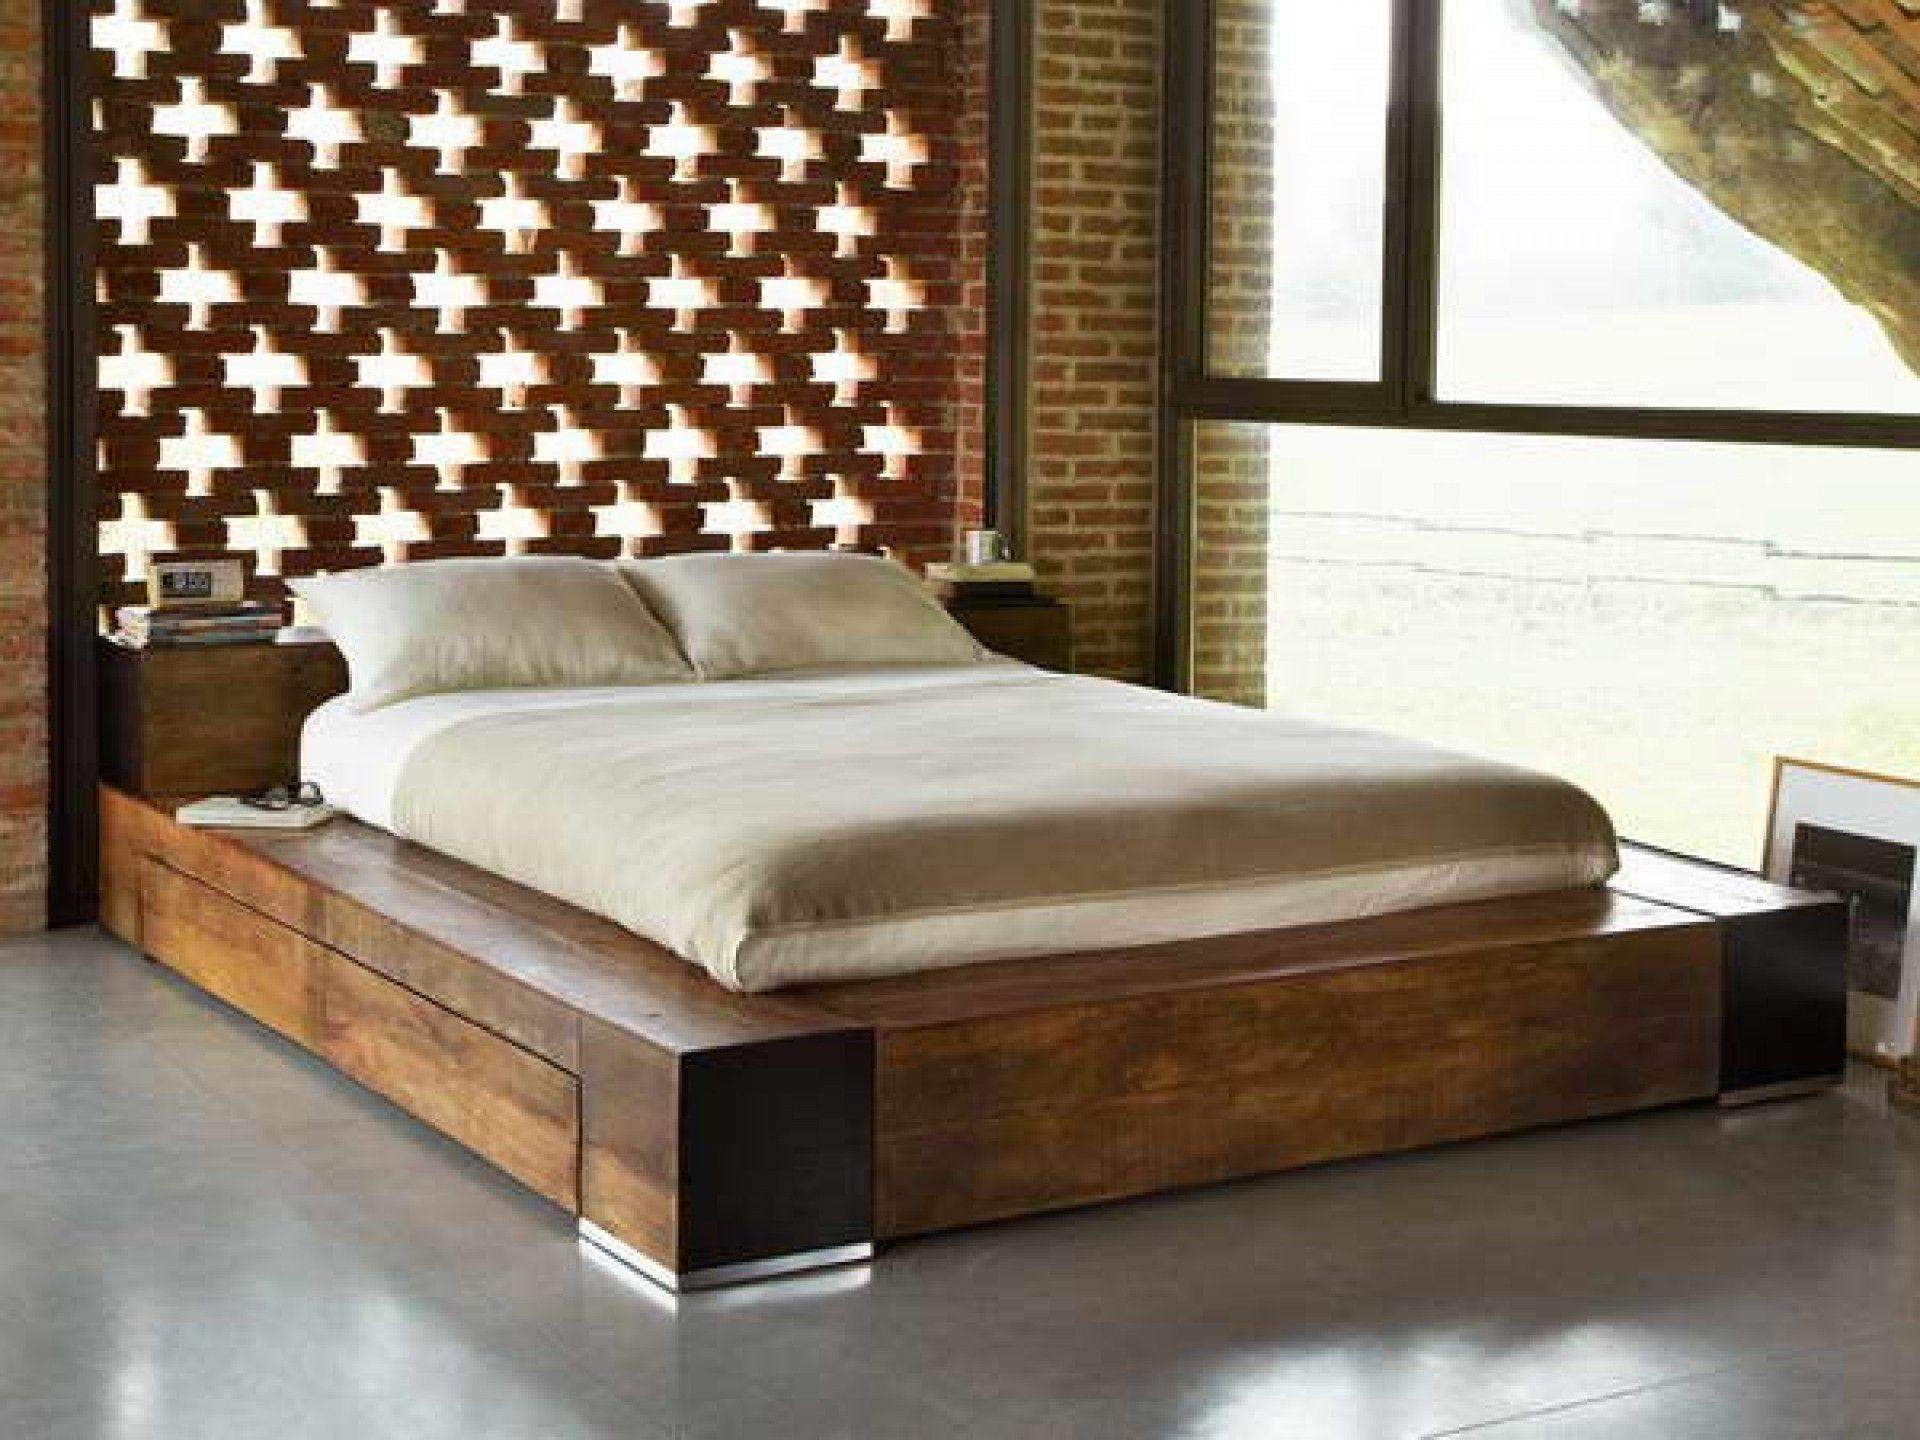 Brown Lacquer Teak Wood Bed Frame Having Double Storage Drawer Underneath On Gray Ceramic Tiled Floor Ad Mit Bildern Holzbetten Selbstgemachte Bettrahmen Schlafzimmer Diy